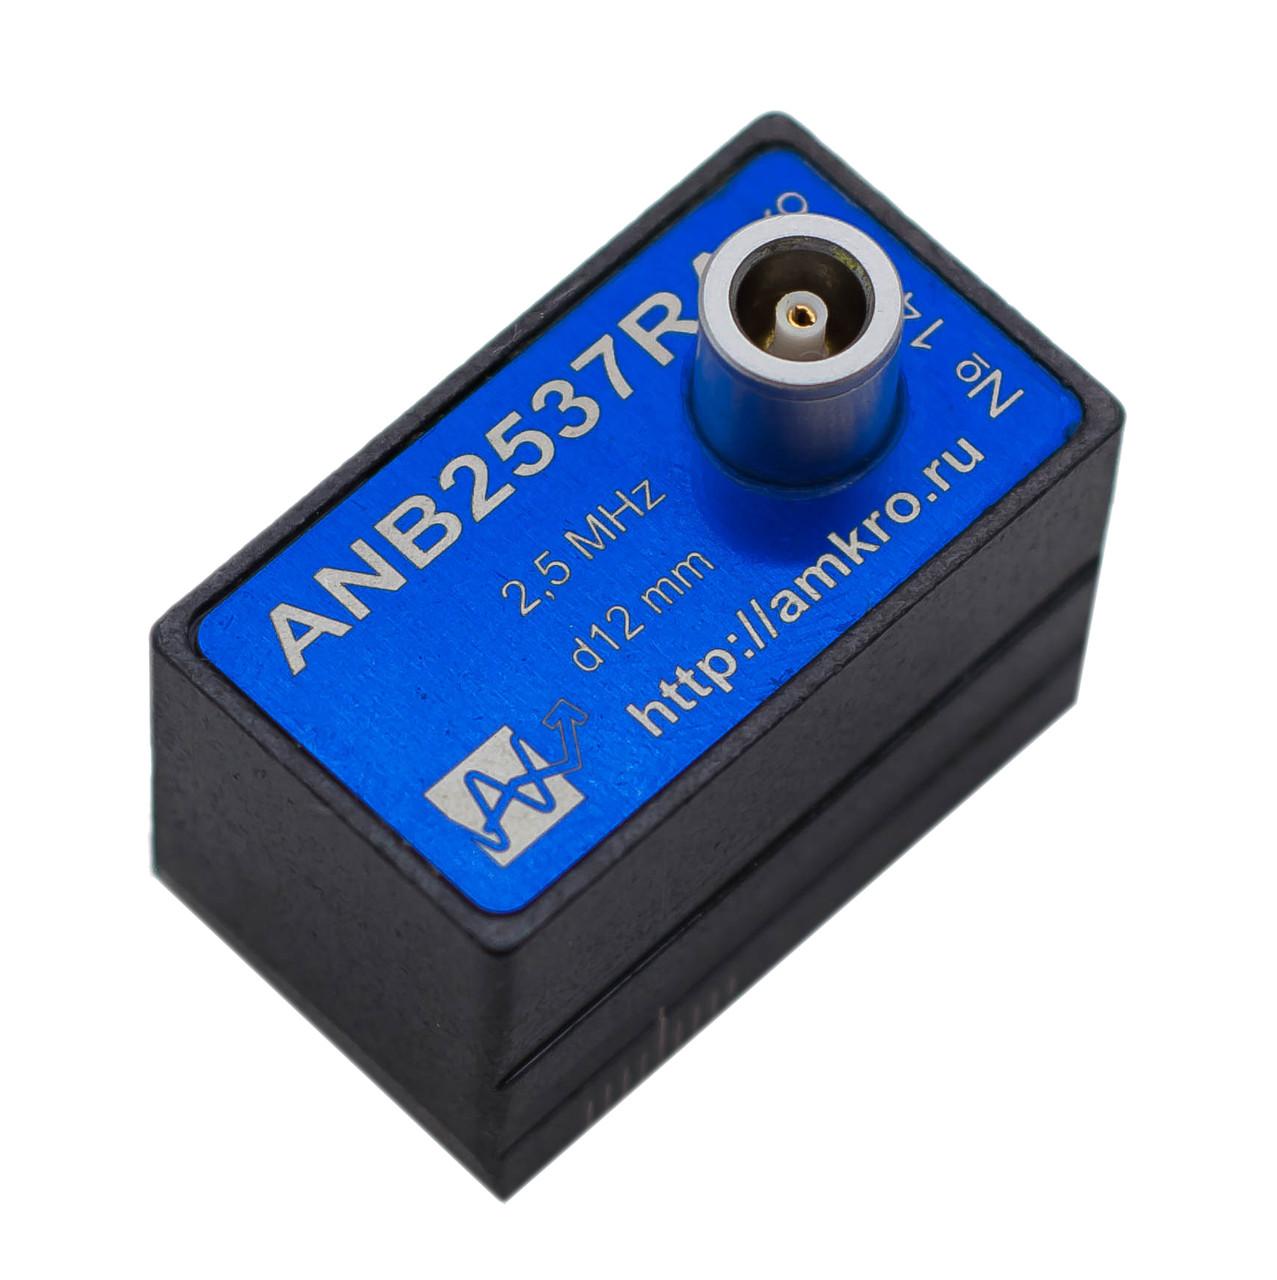 Наклонный преобразователь 2,5 МГц ANB2537RA (аналог ИЦ67)